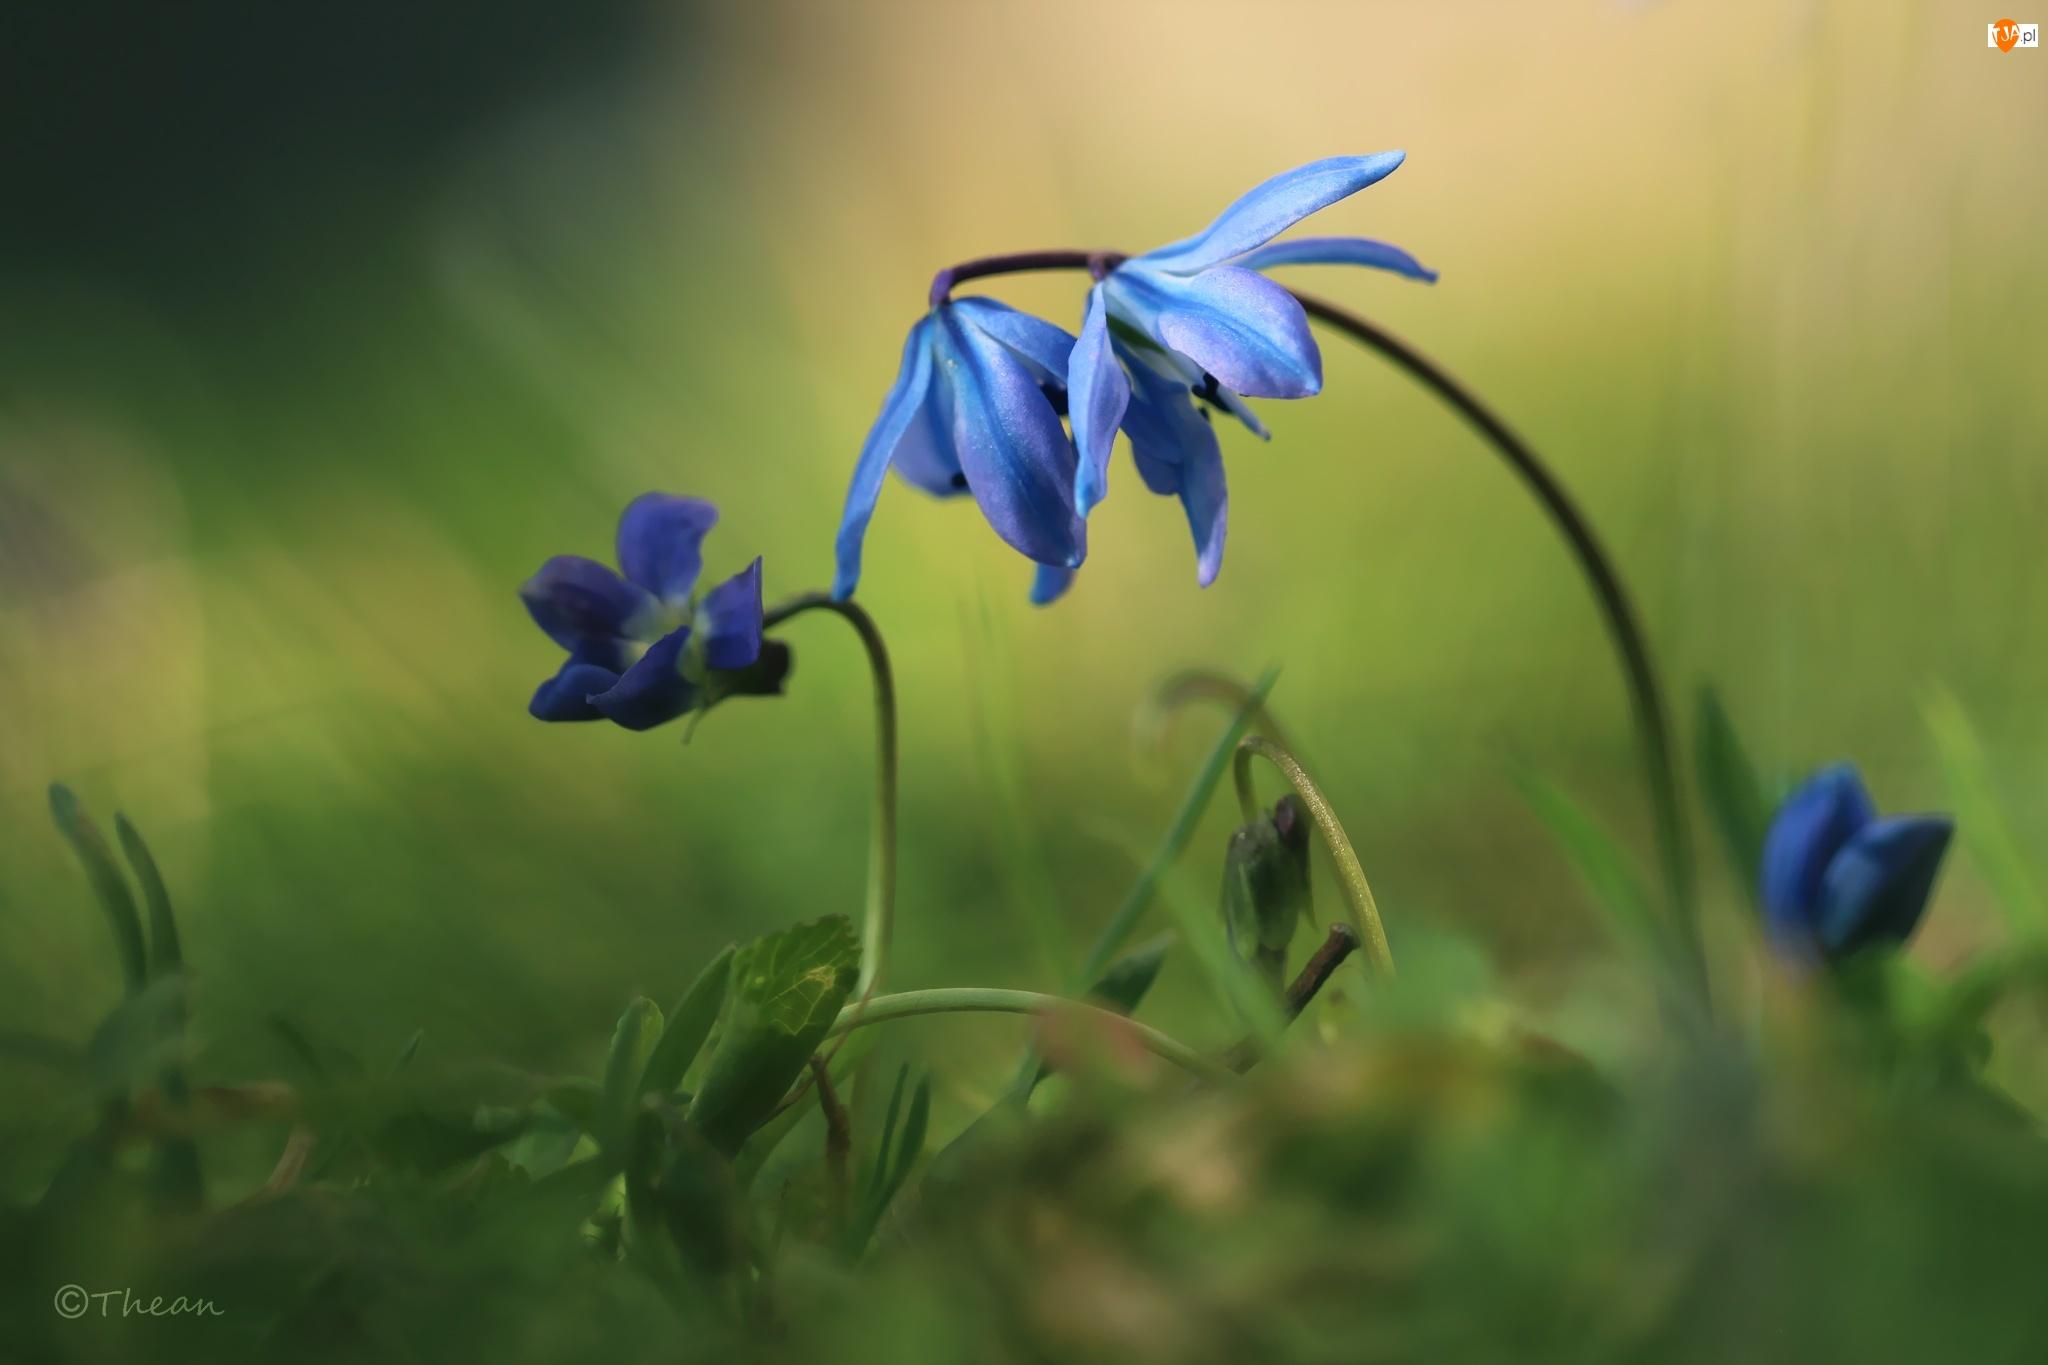 Wiosna, Niebieskie, Cebulice Syberyjskie, Fioletowe, Fiołki, Kwiaty